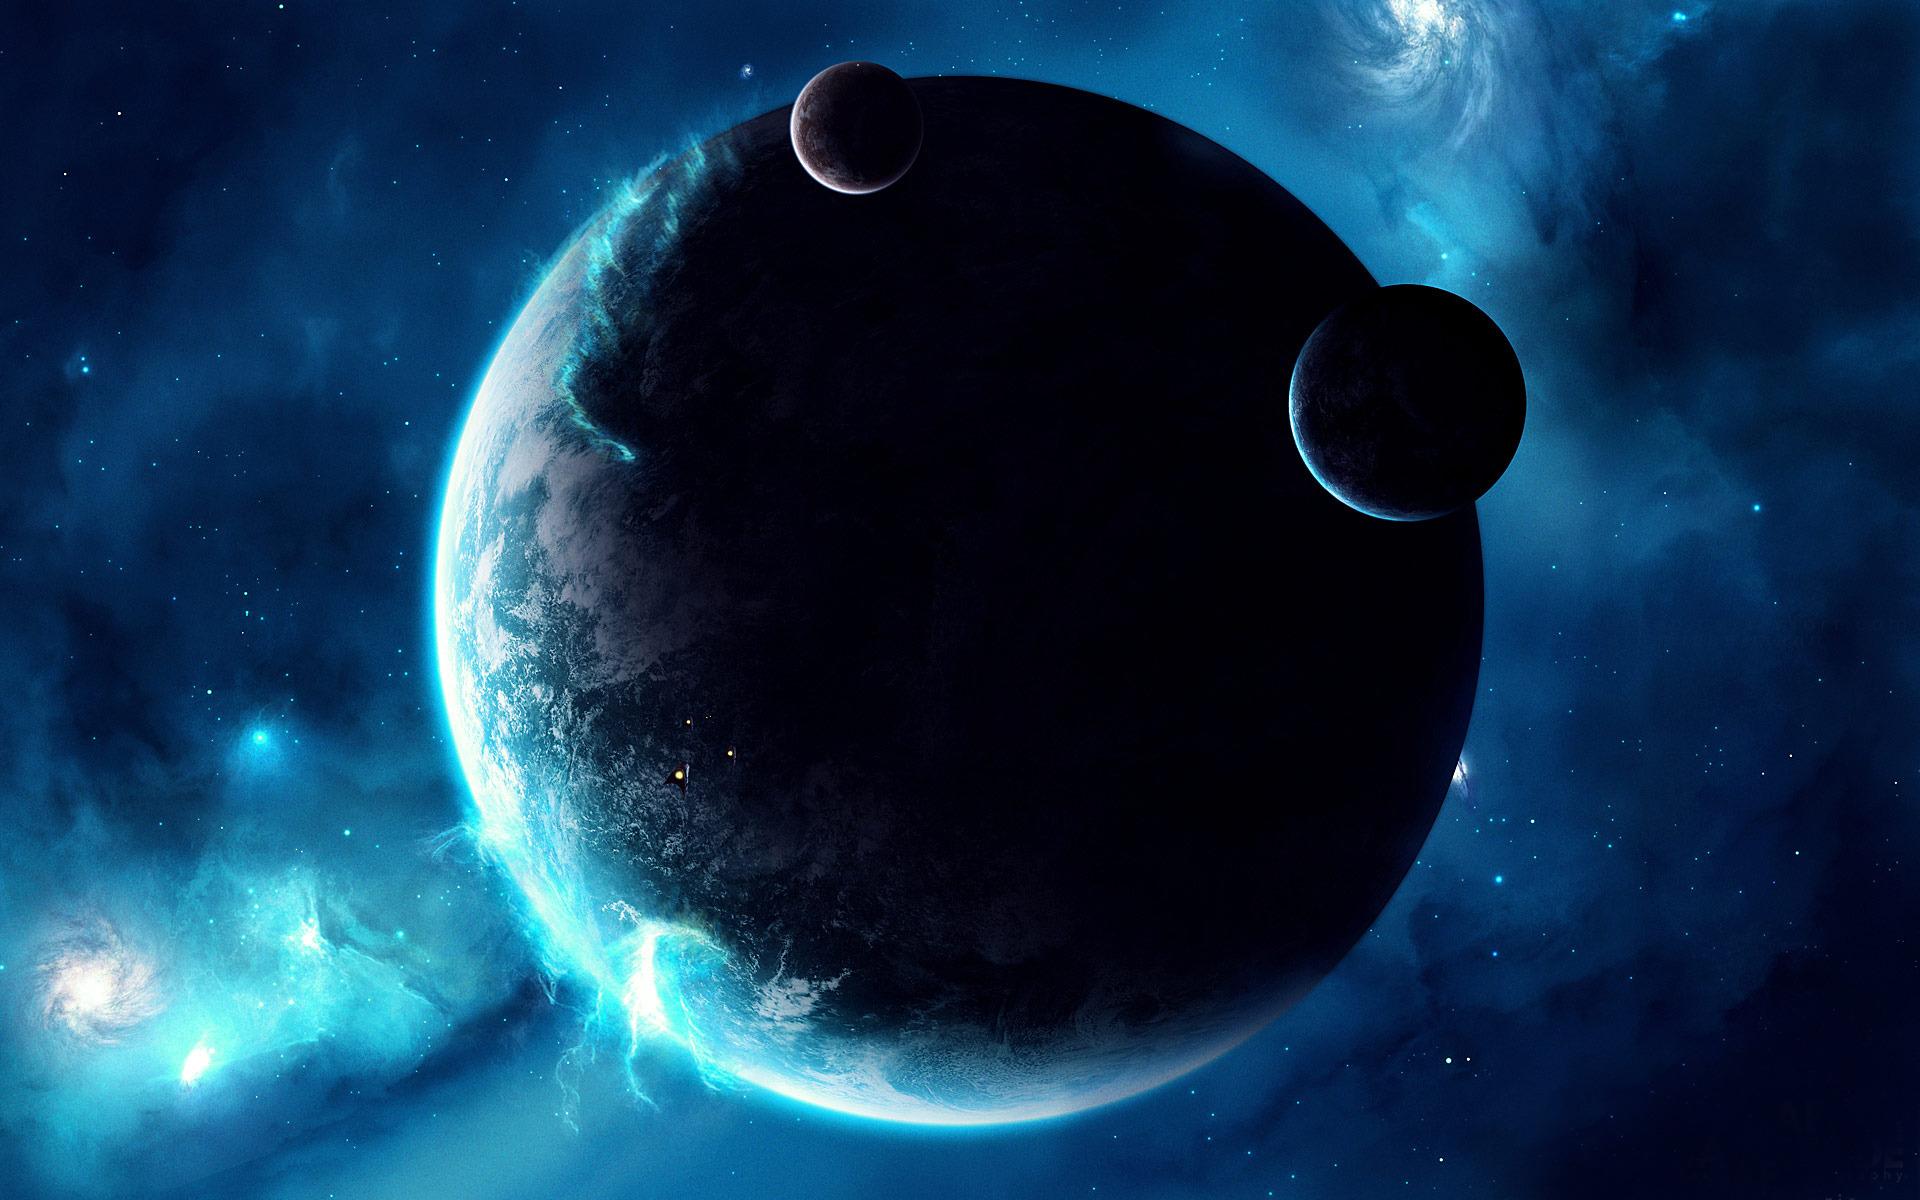 Обои космос планета корабль картинки на рабочий стол на тему Космос - скачать  № 3125516 бесплатно